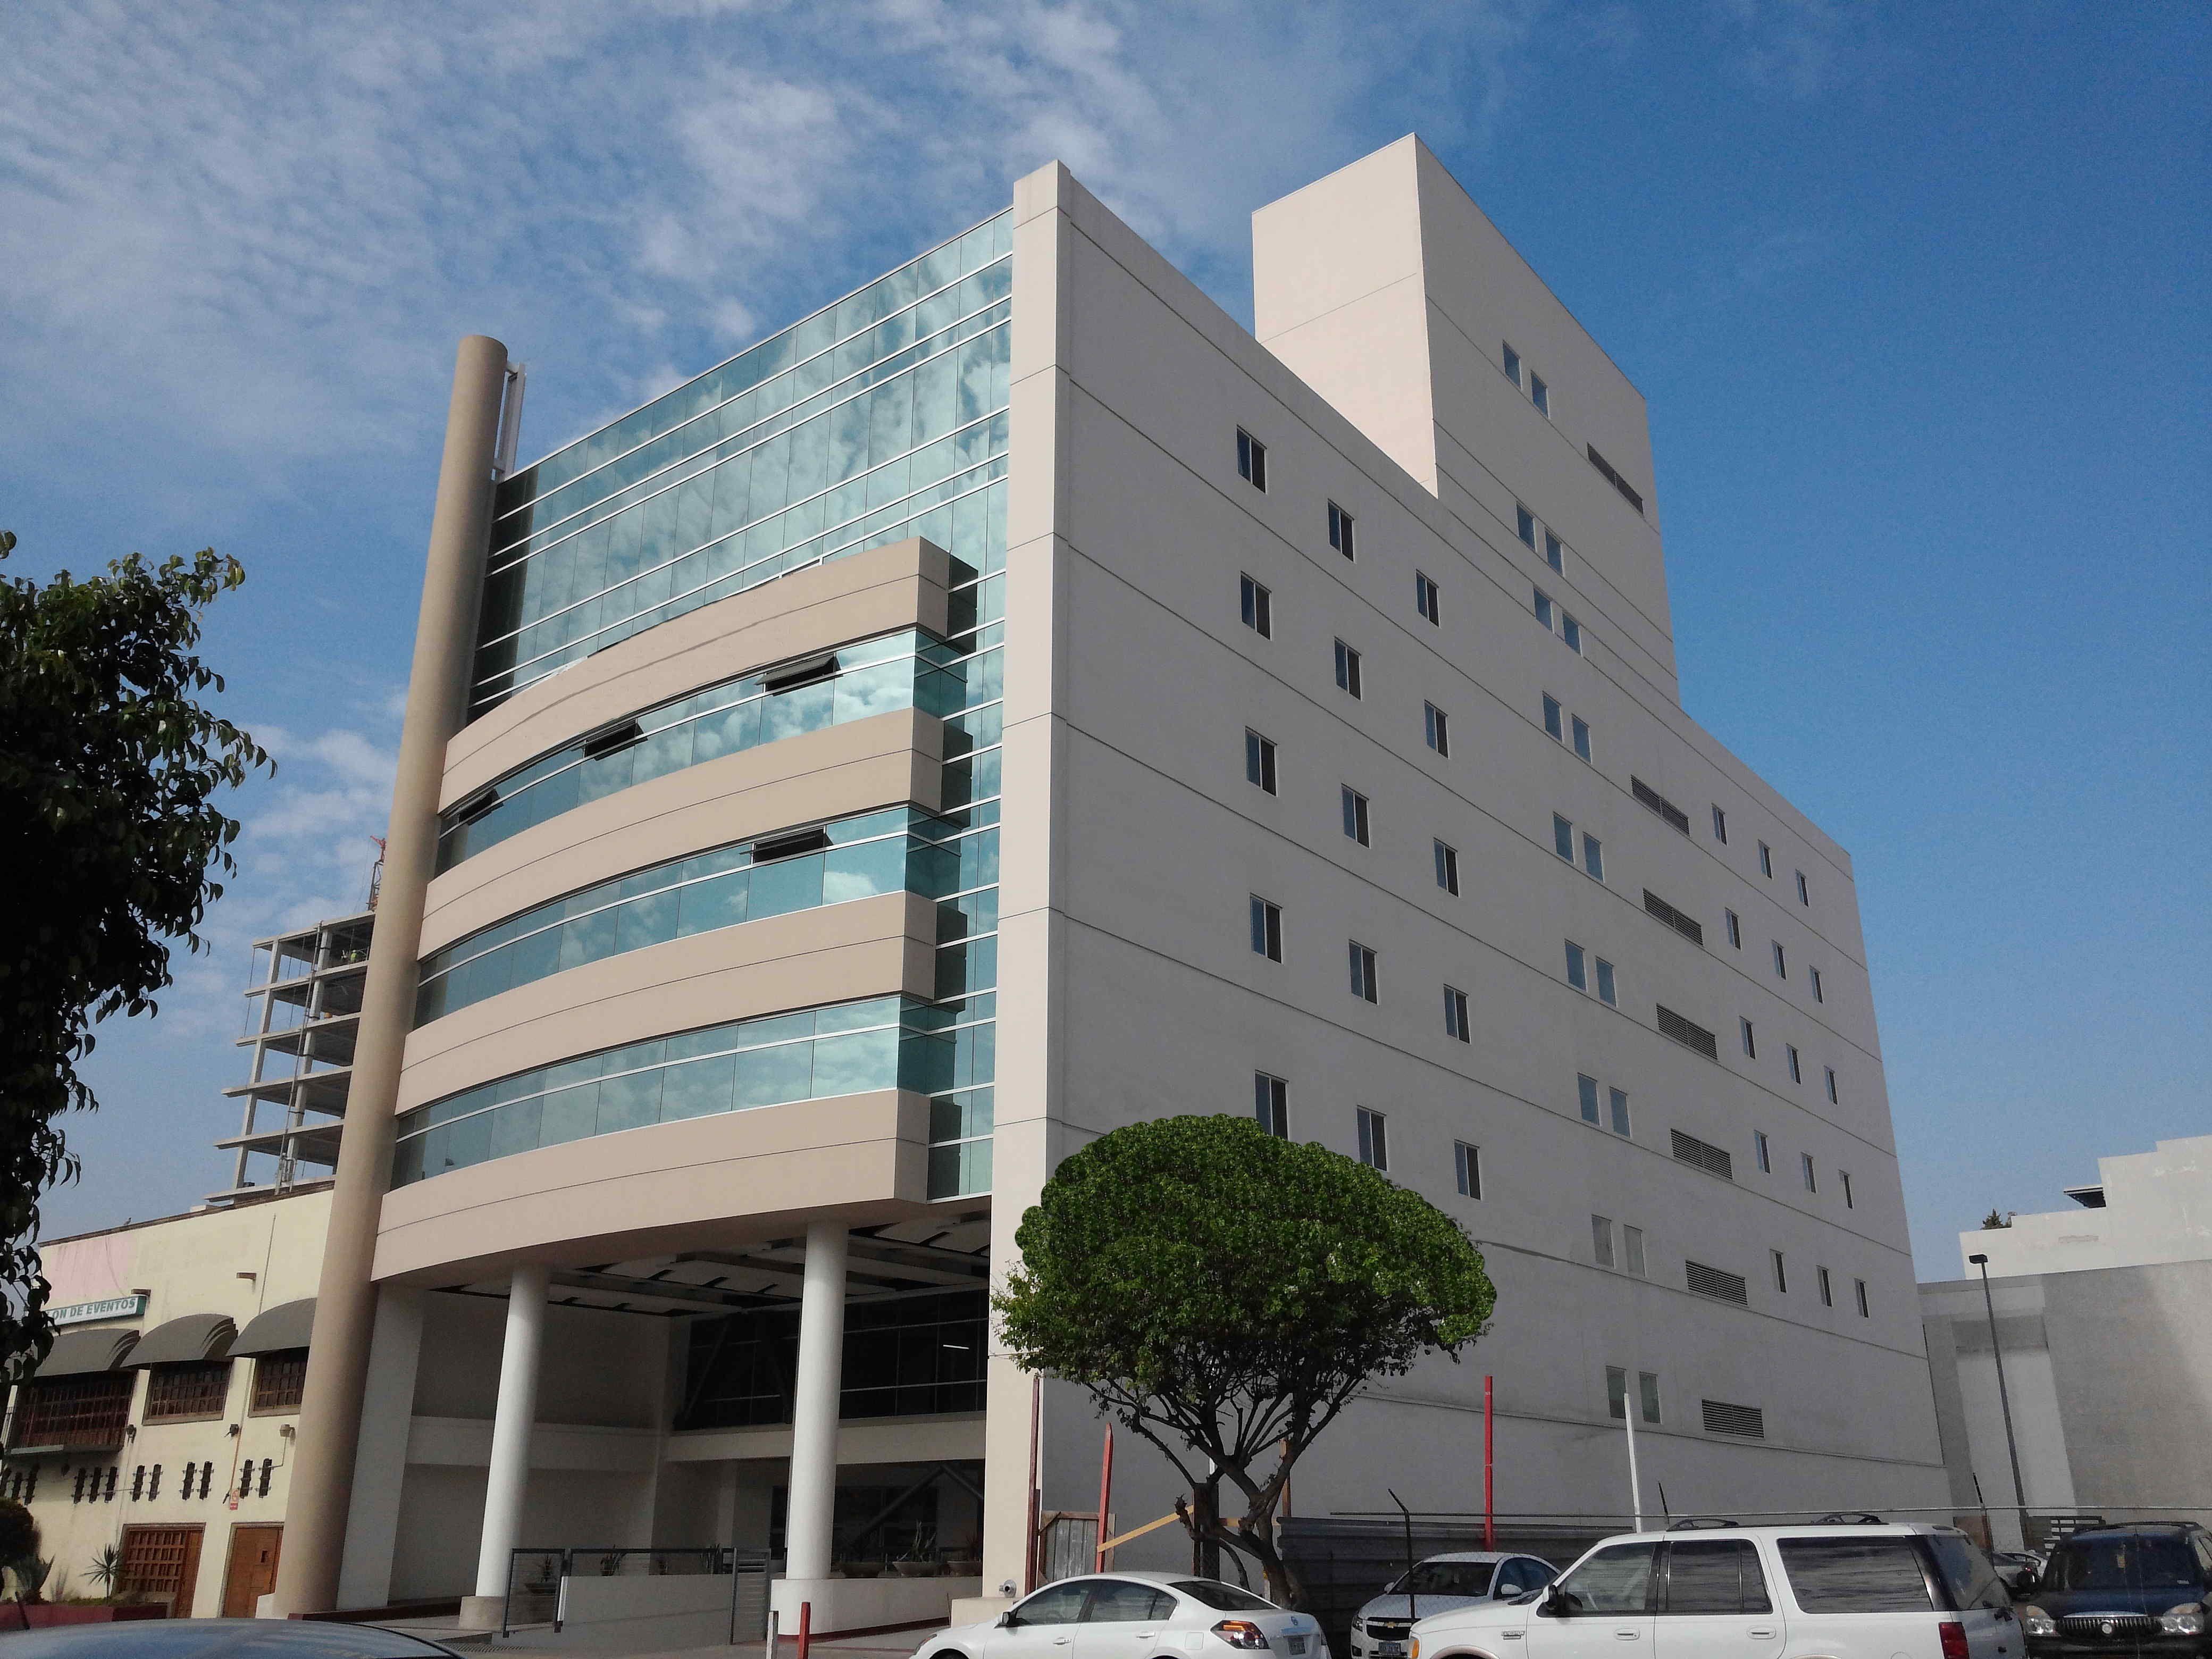 Centro Médico Premier - Dr. Rigoberto Rdz